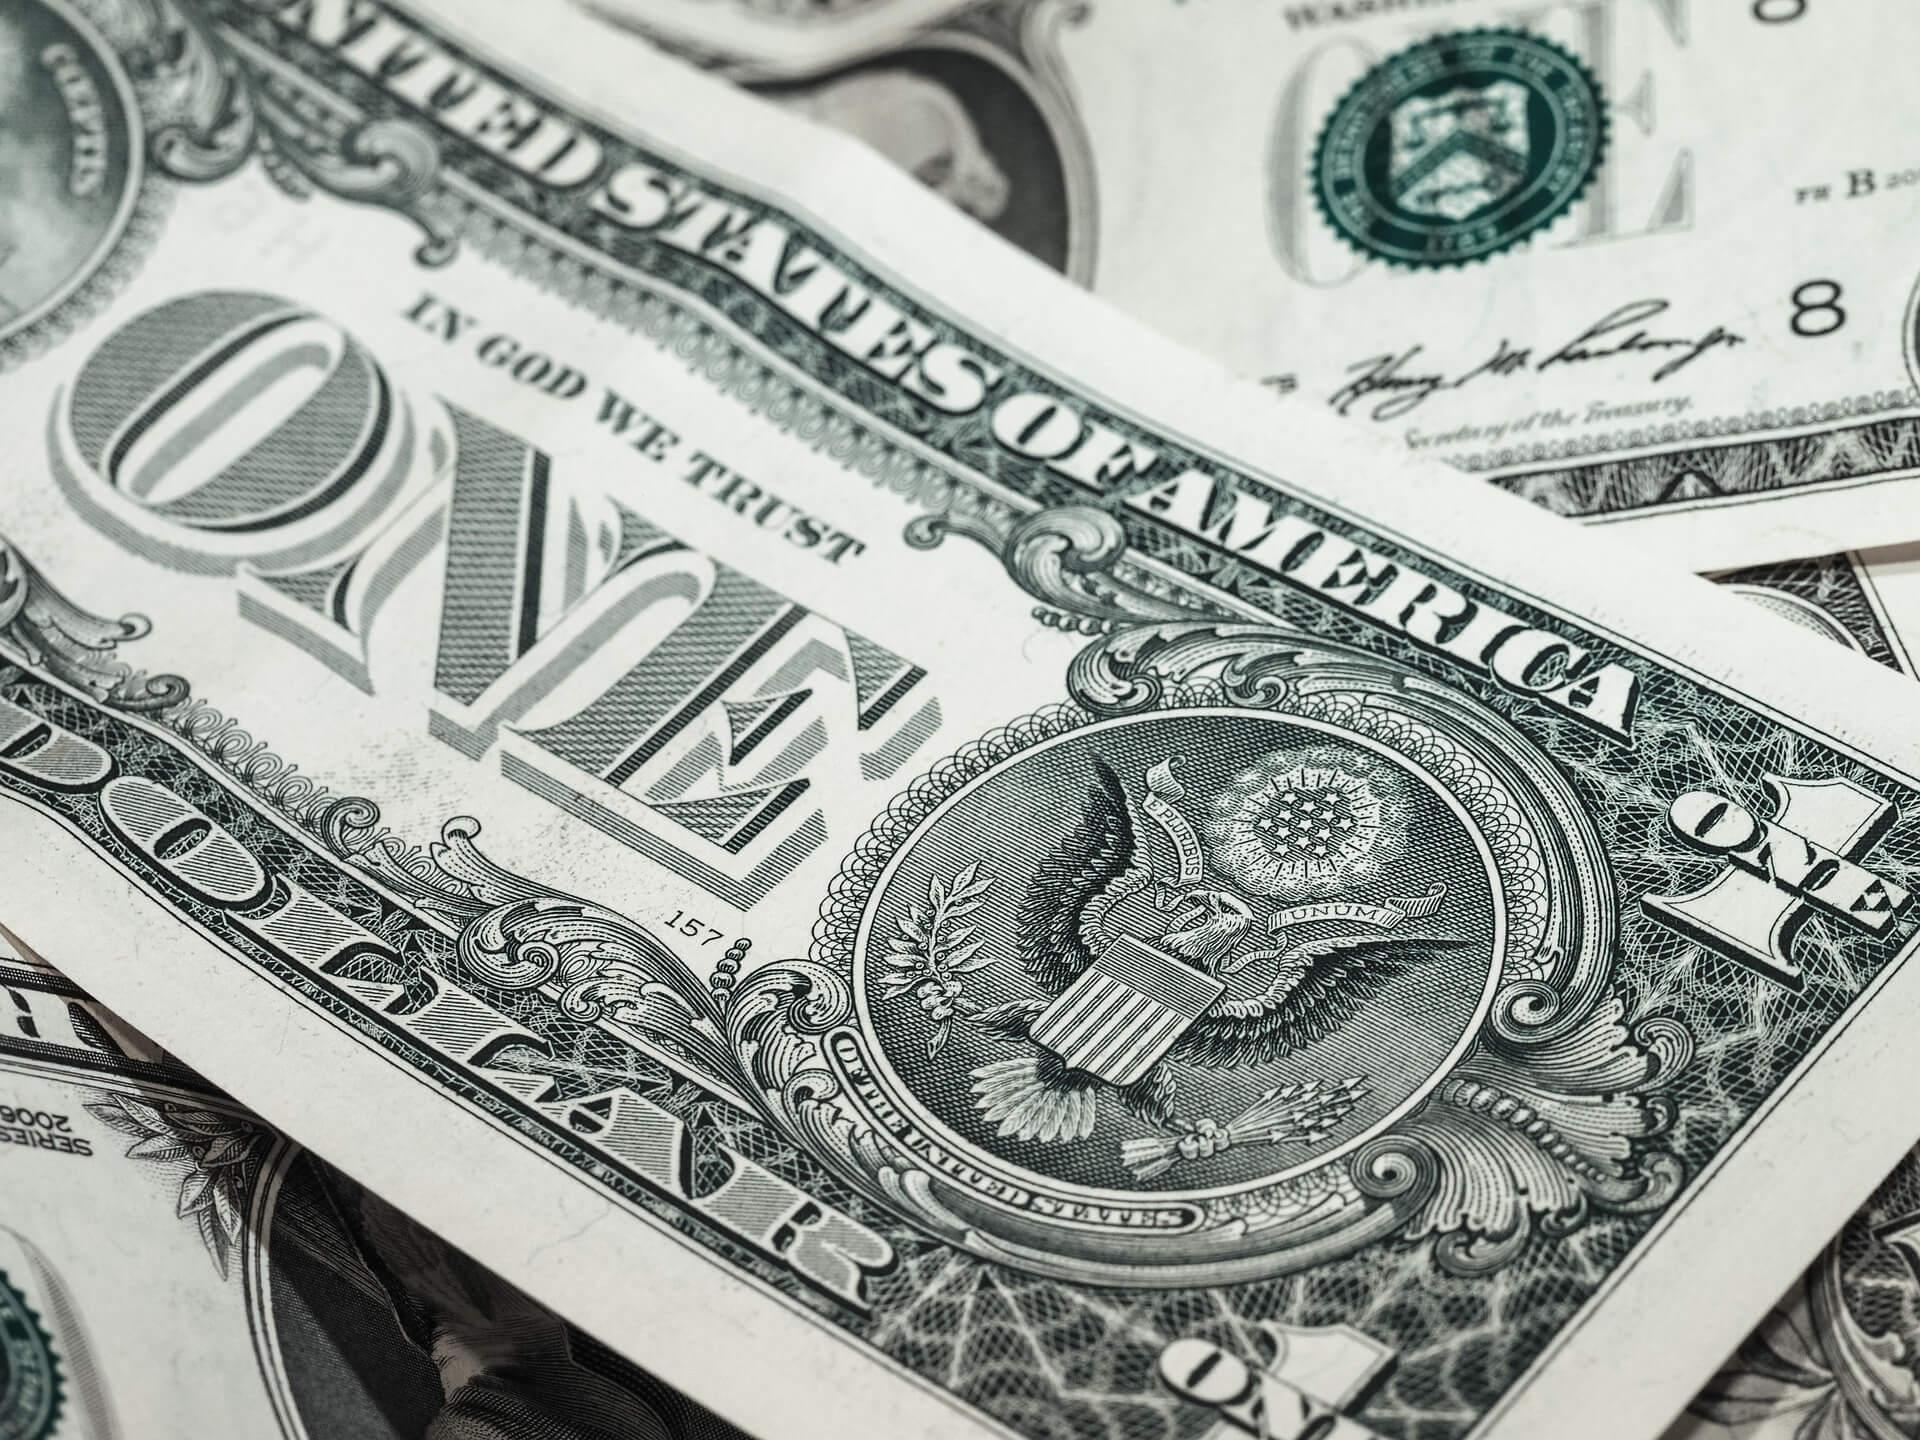 不動産投資を始める上で初期費用はどれくらい必要?|初期費用の目安